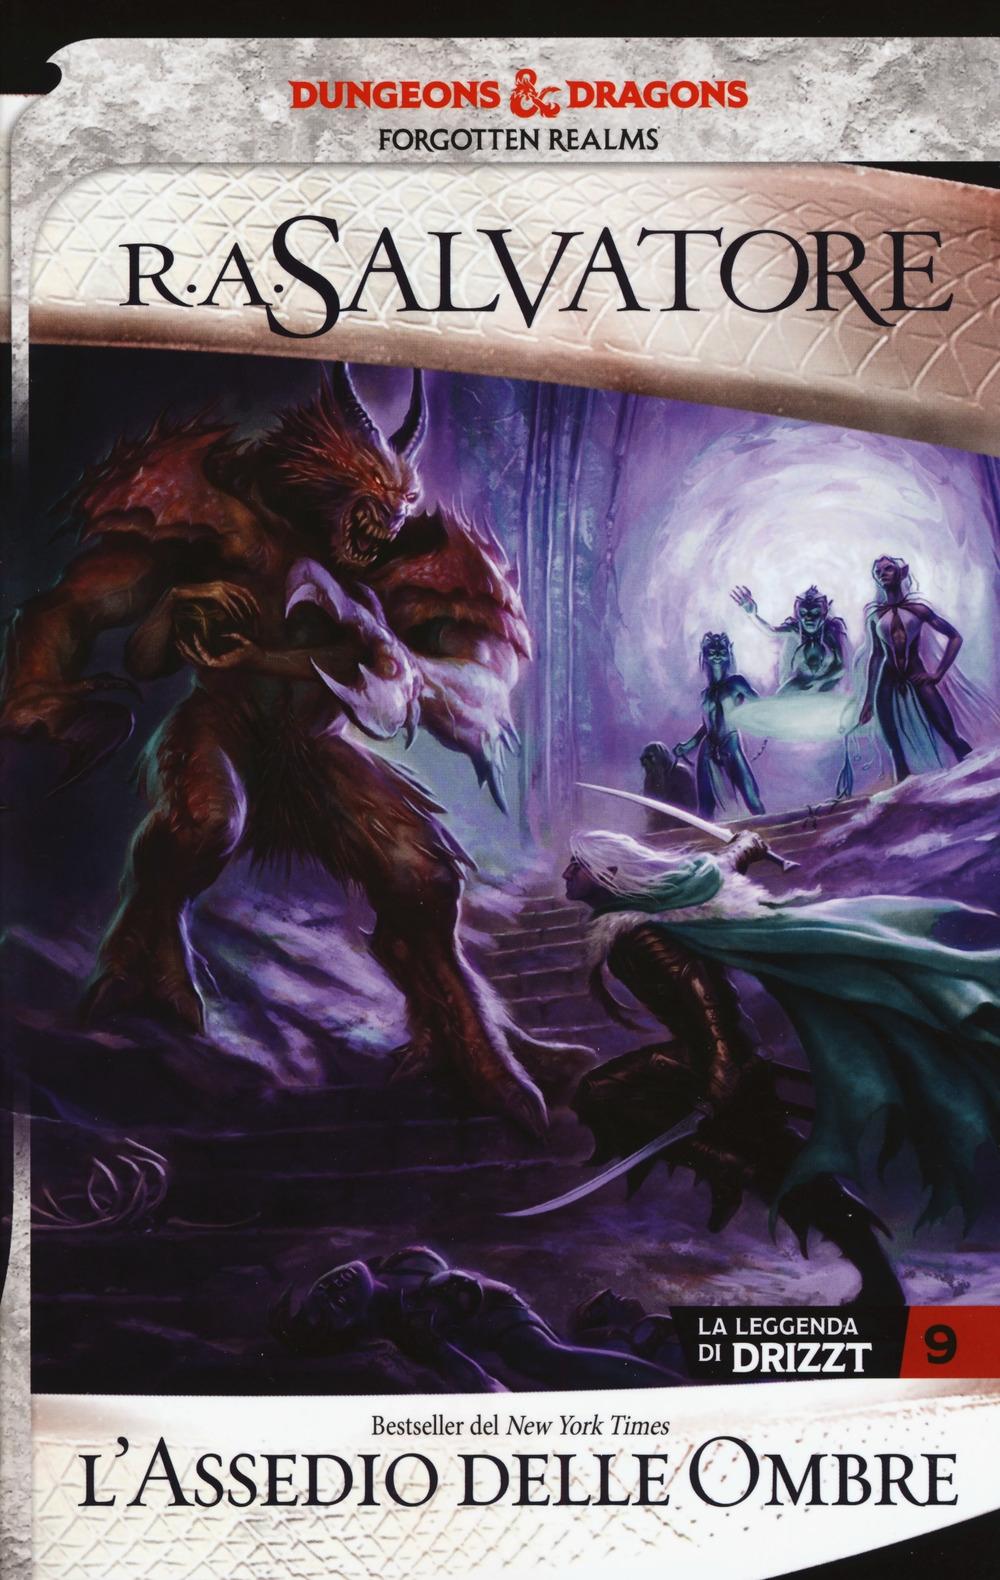 L'assedio delle ombre  La leggenda di Drizzt  Forgotten Realms  Vol  9